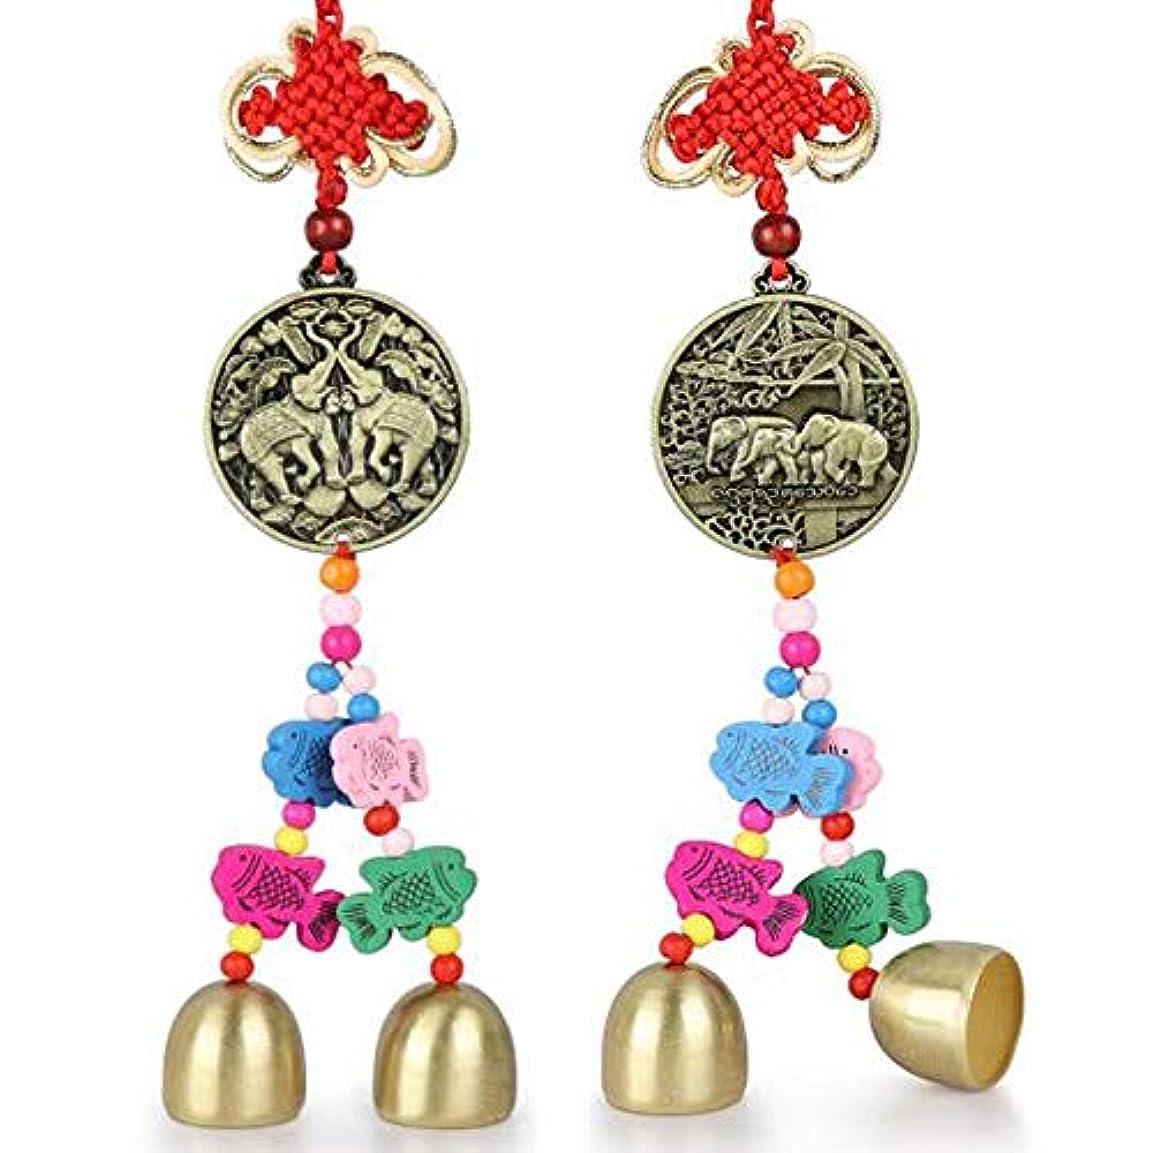 虫を数えるシュートインシュレータYougou01 風チャイム、中国のノット銅鐘ホーム車の装飾、ゴールド、全長約31センチメートル 、創造的な装飾 (Color : B)